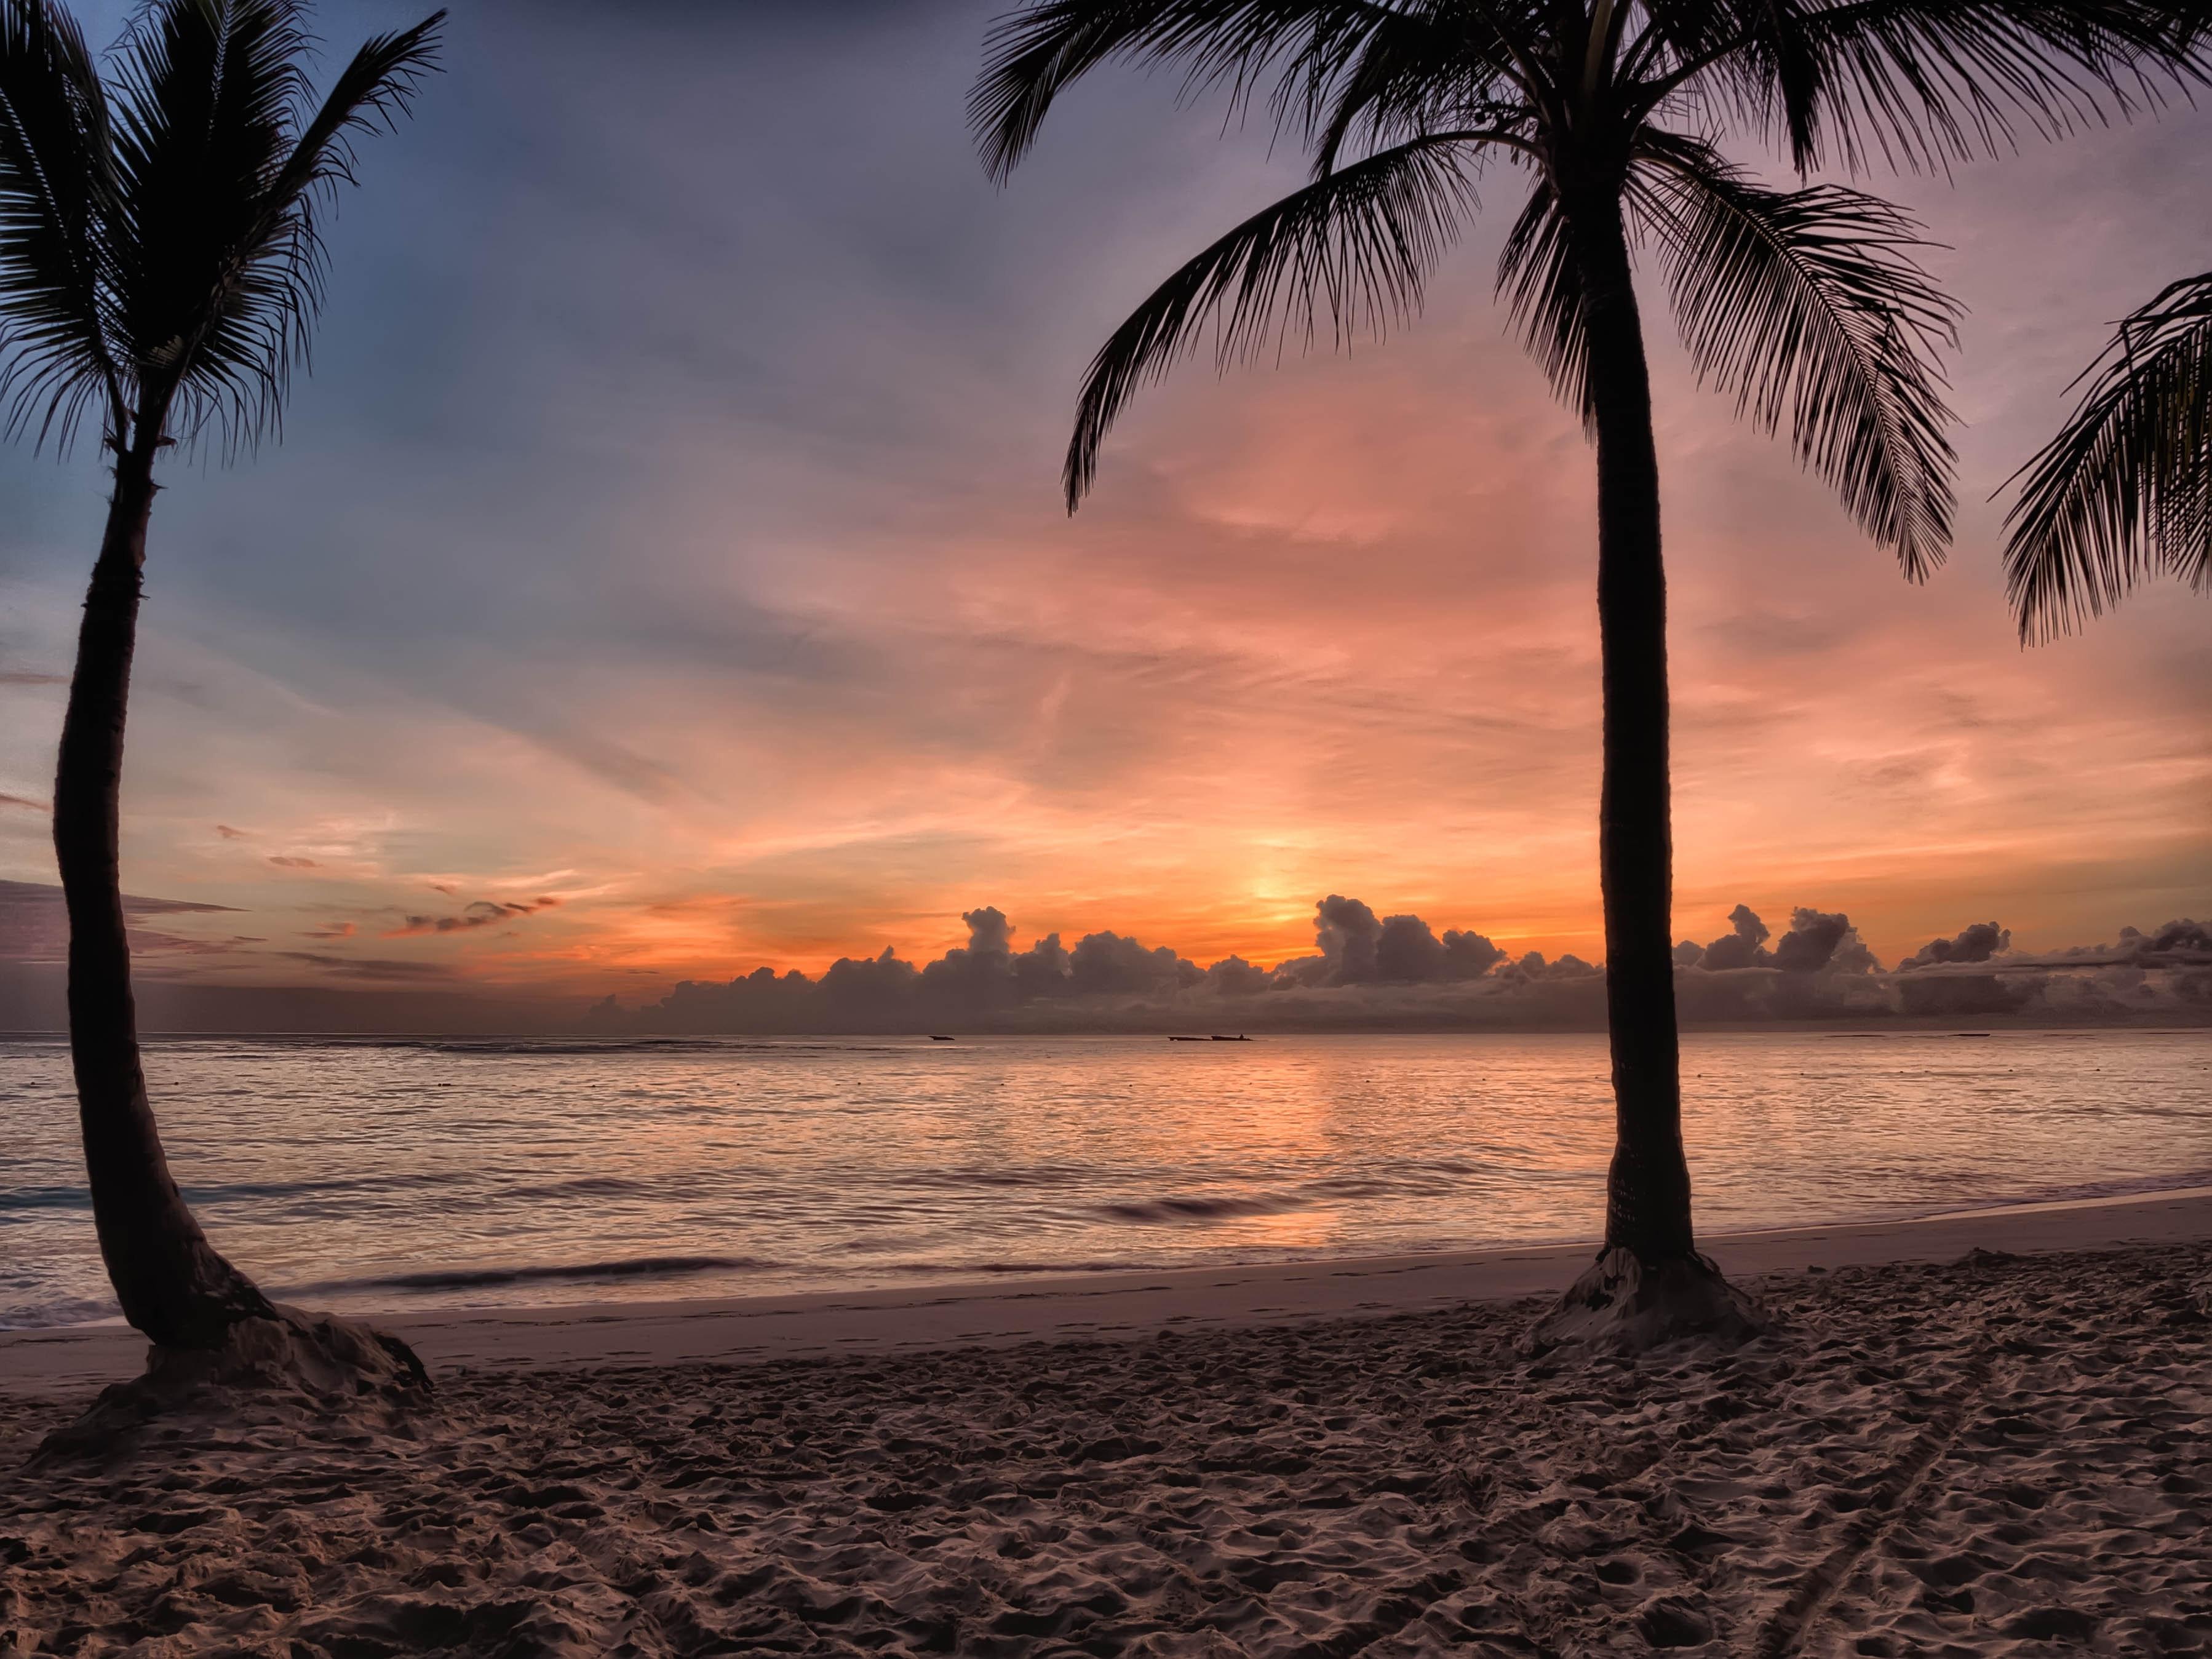 Sunset on sea shore photo